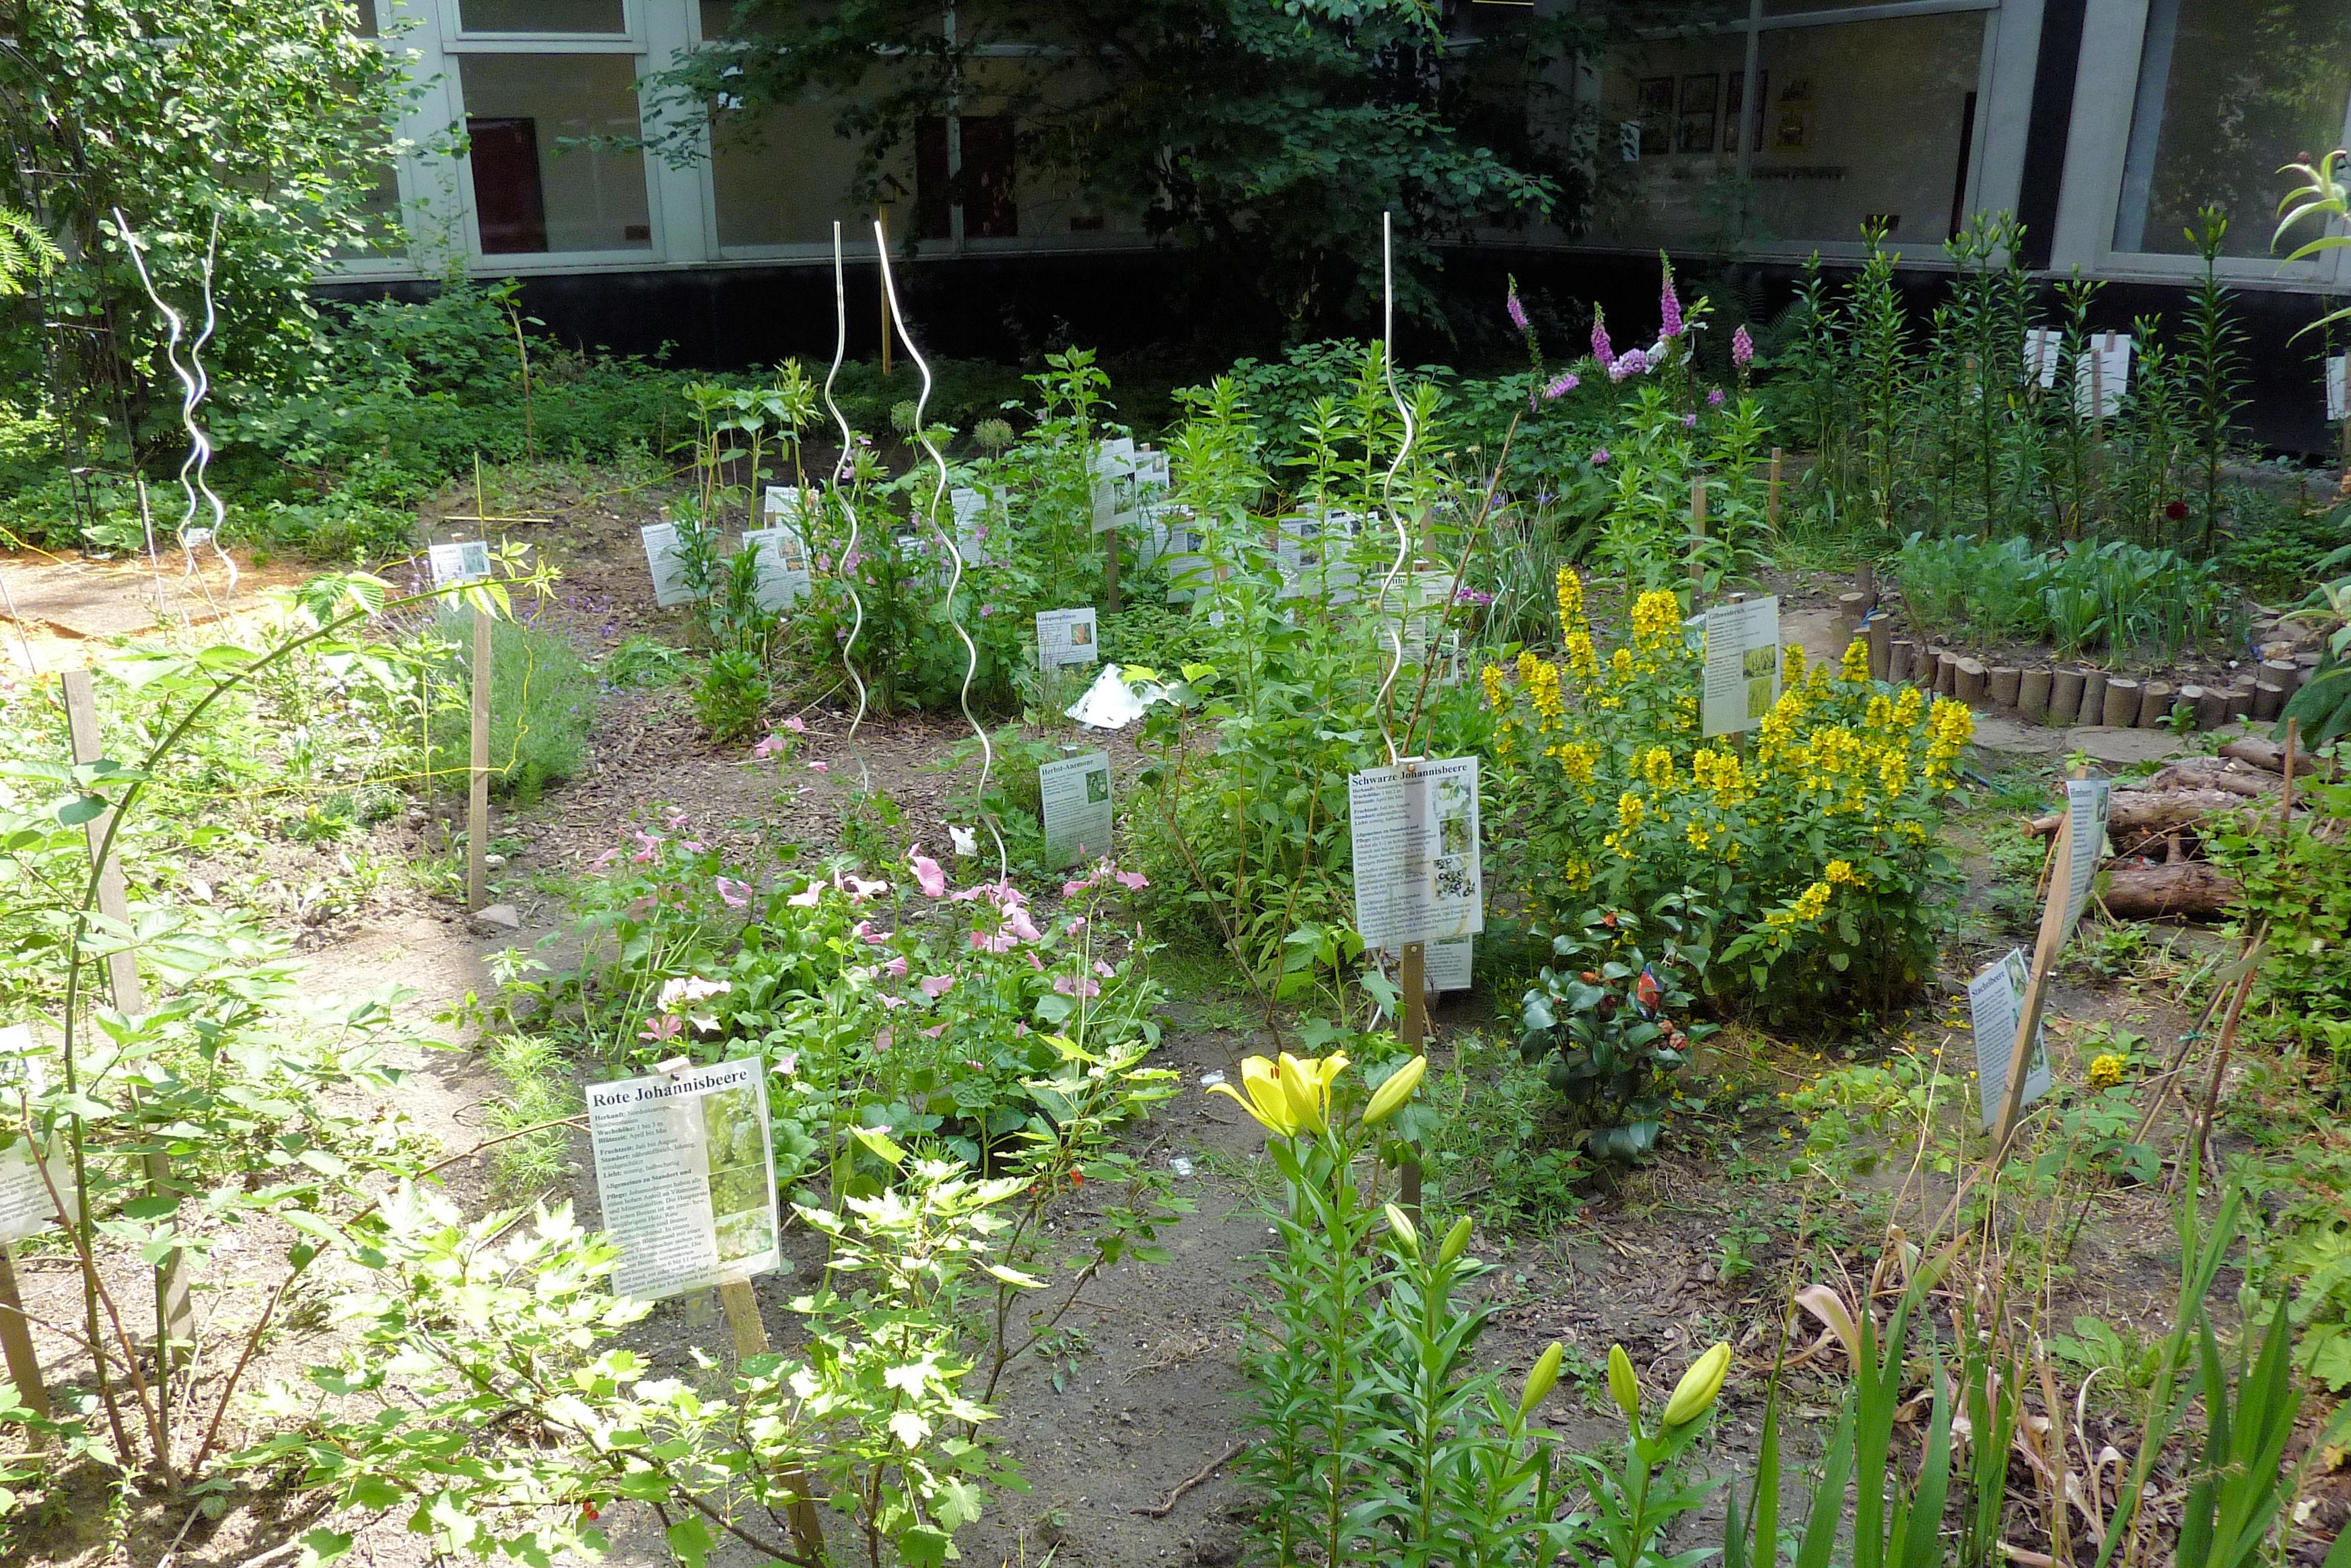 Teilansicht eines Gartens mit Pflanzenund Wegen